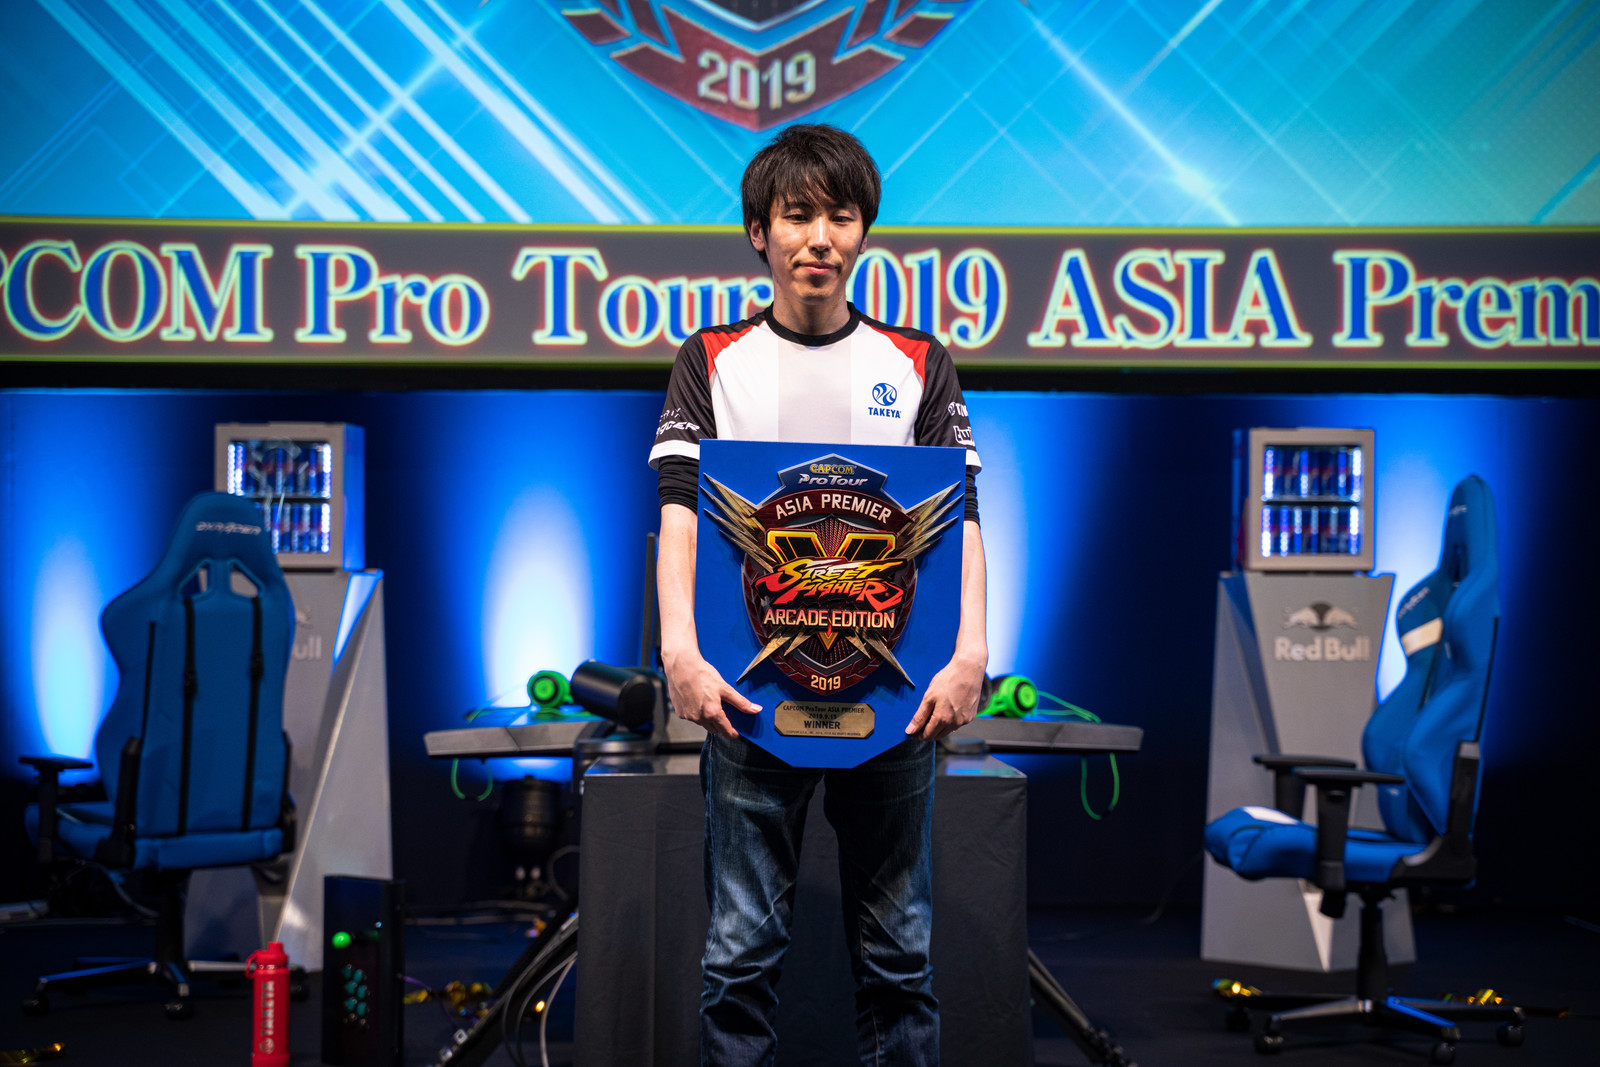 「優勝盾を両手で持つ大会チャンピオンももち選手 - CAPCOM Pro Tour 2019 アジアプレミア」の写真